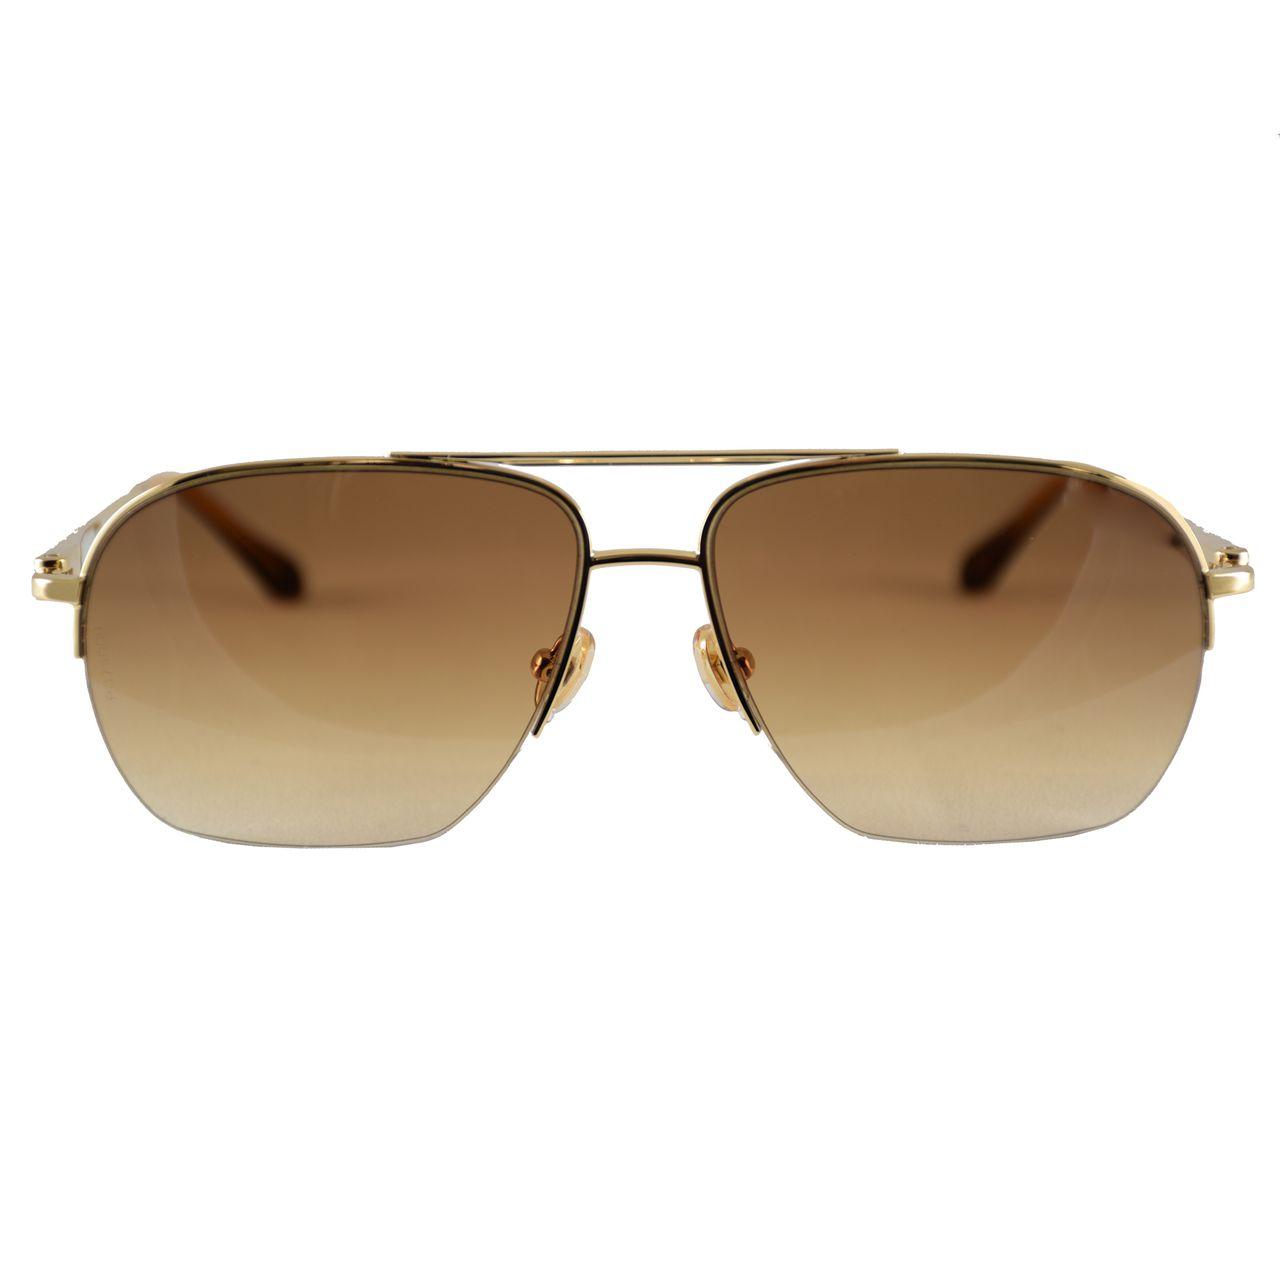 عینک آفتابی پلیس مدل SPL410-0578-Org79